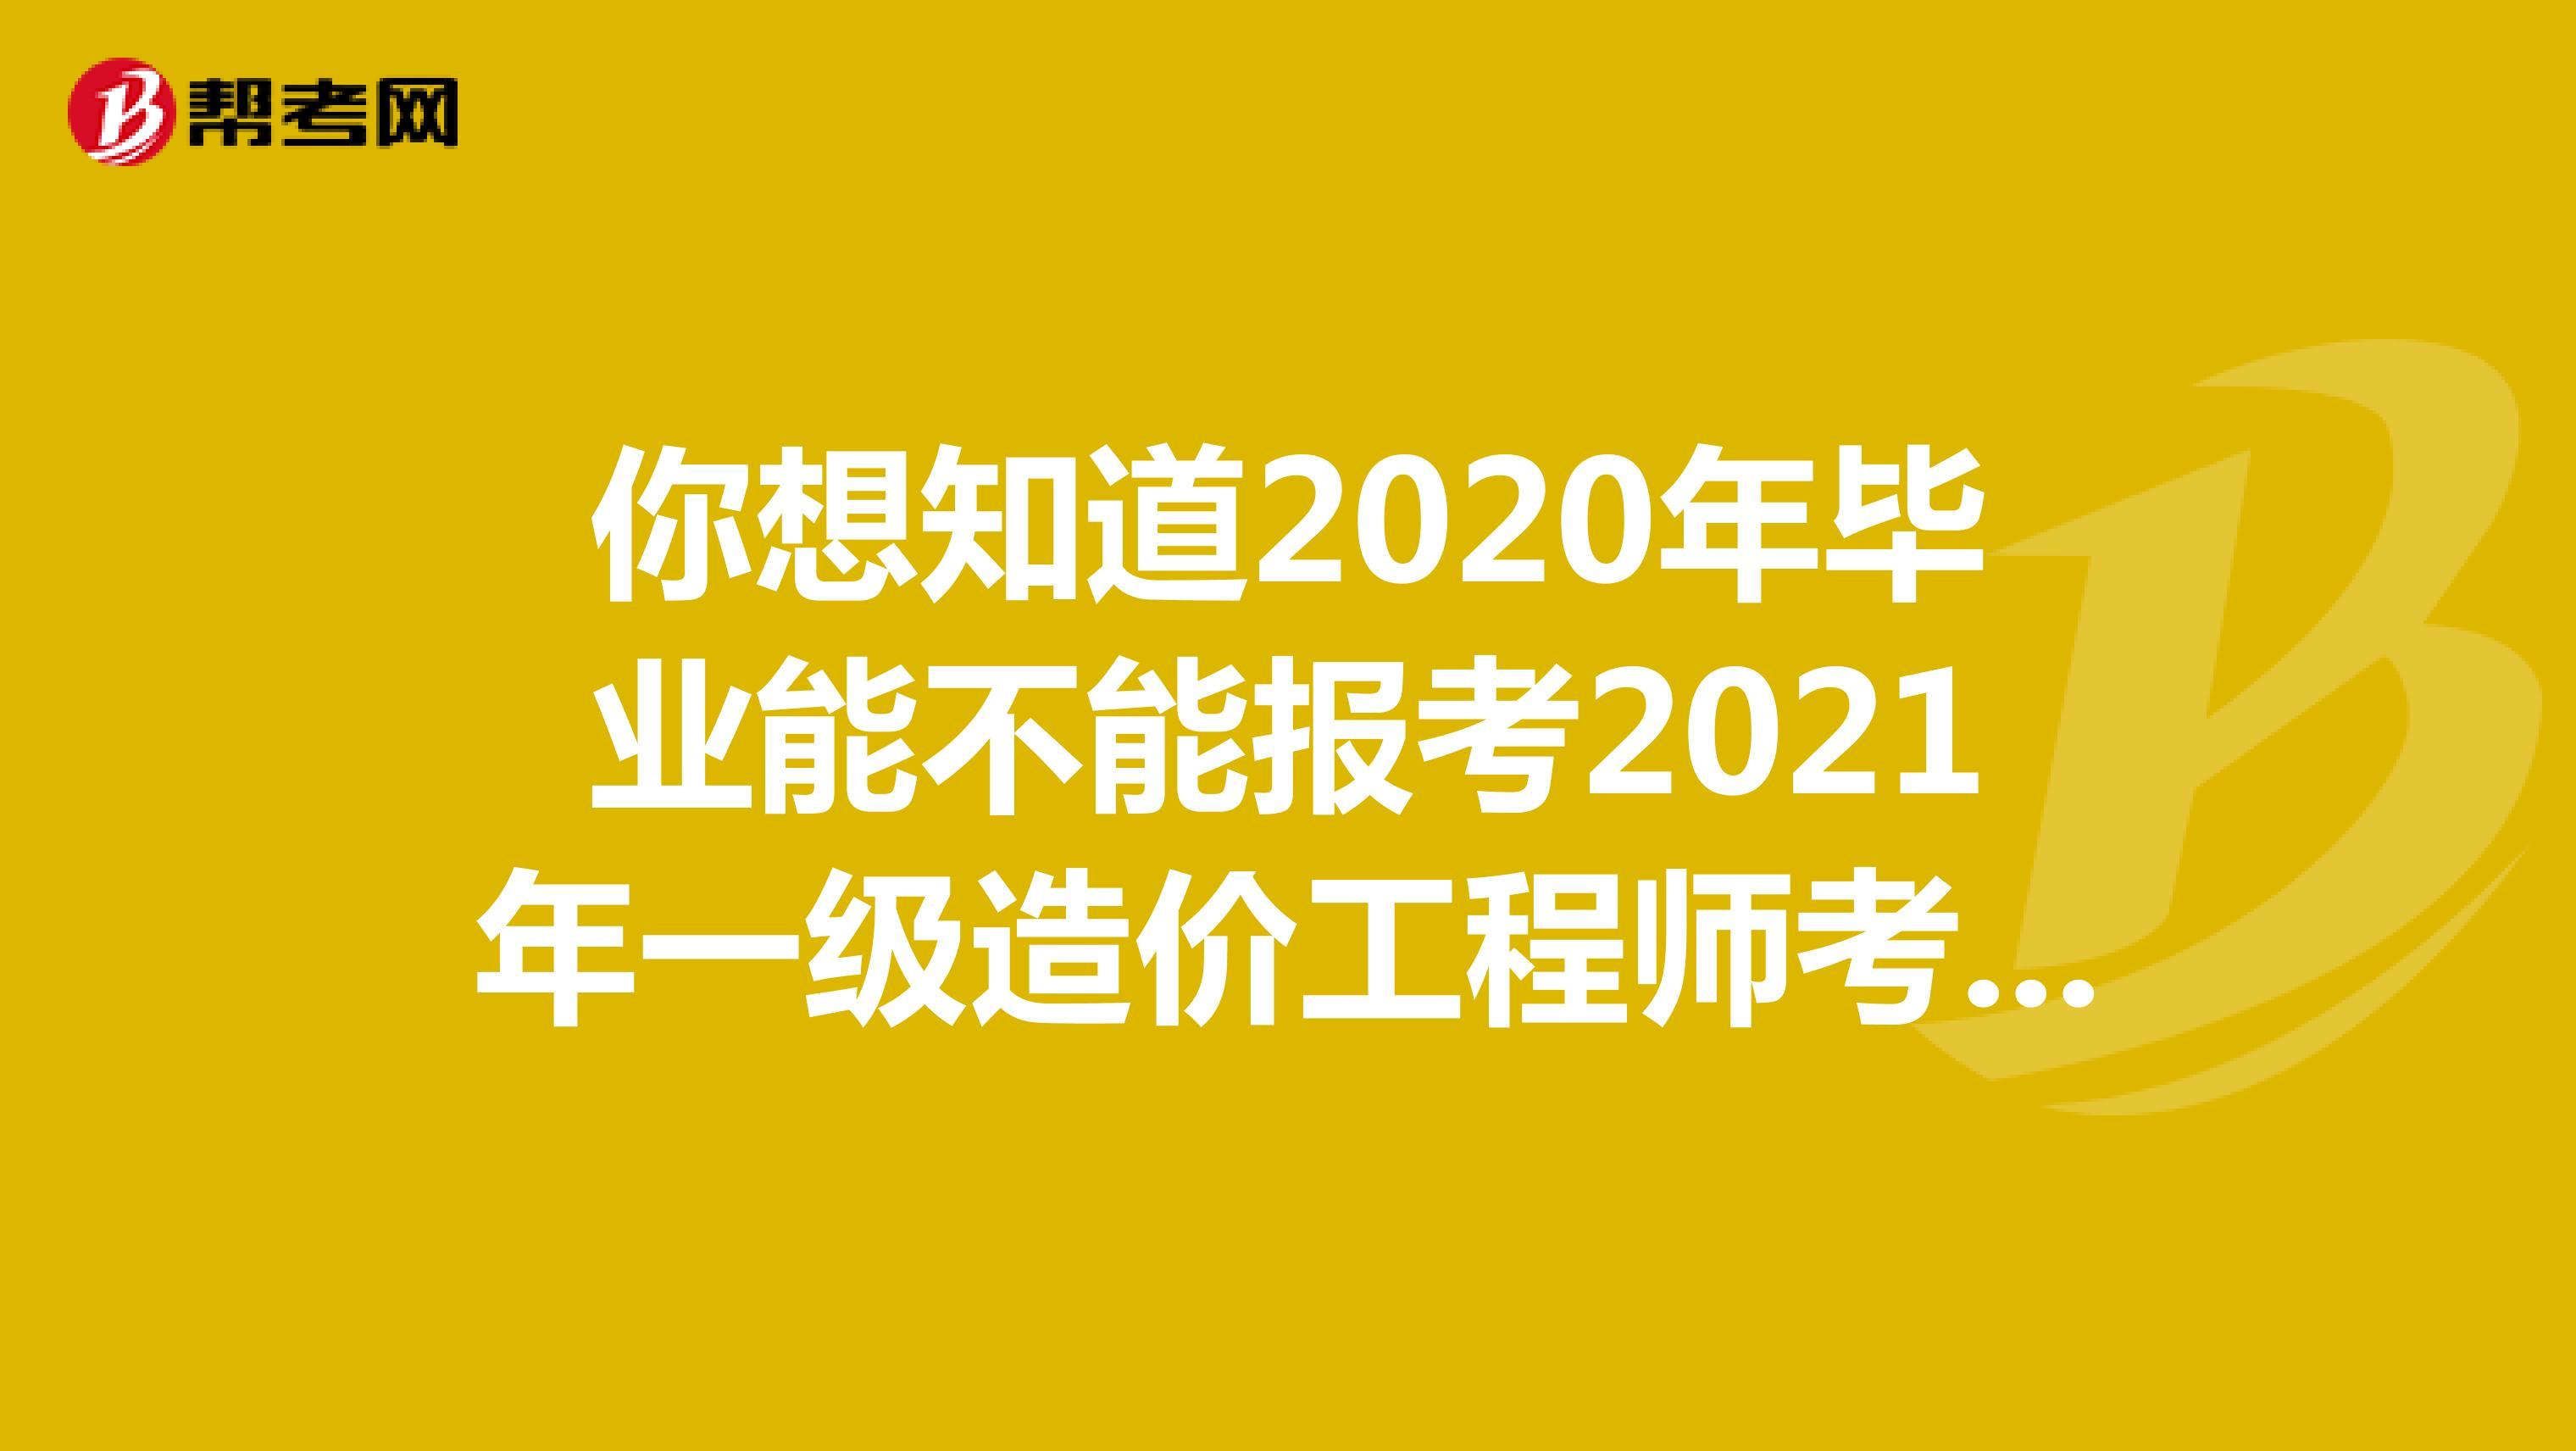 你想知道2020年畢業能不能報考2021年一級造價工程師考試嗎?